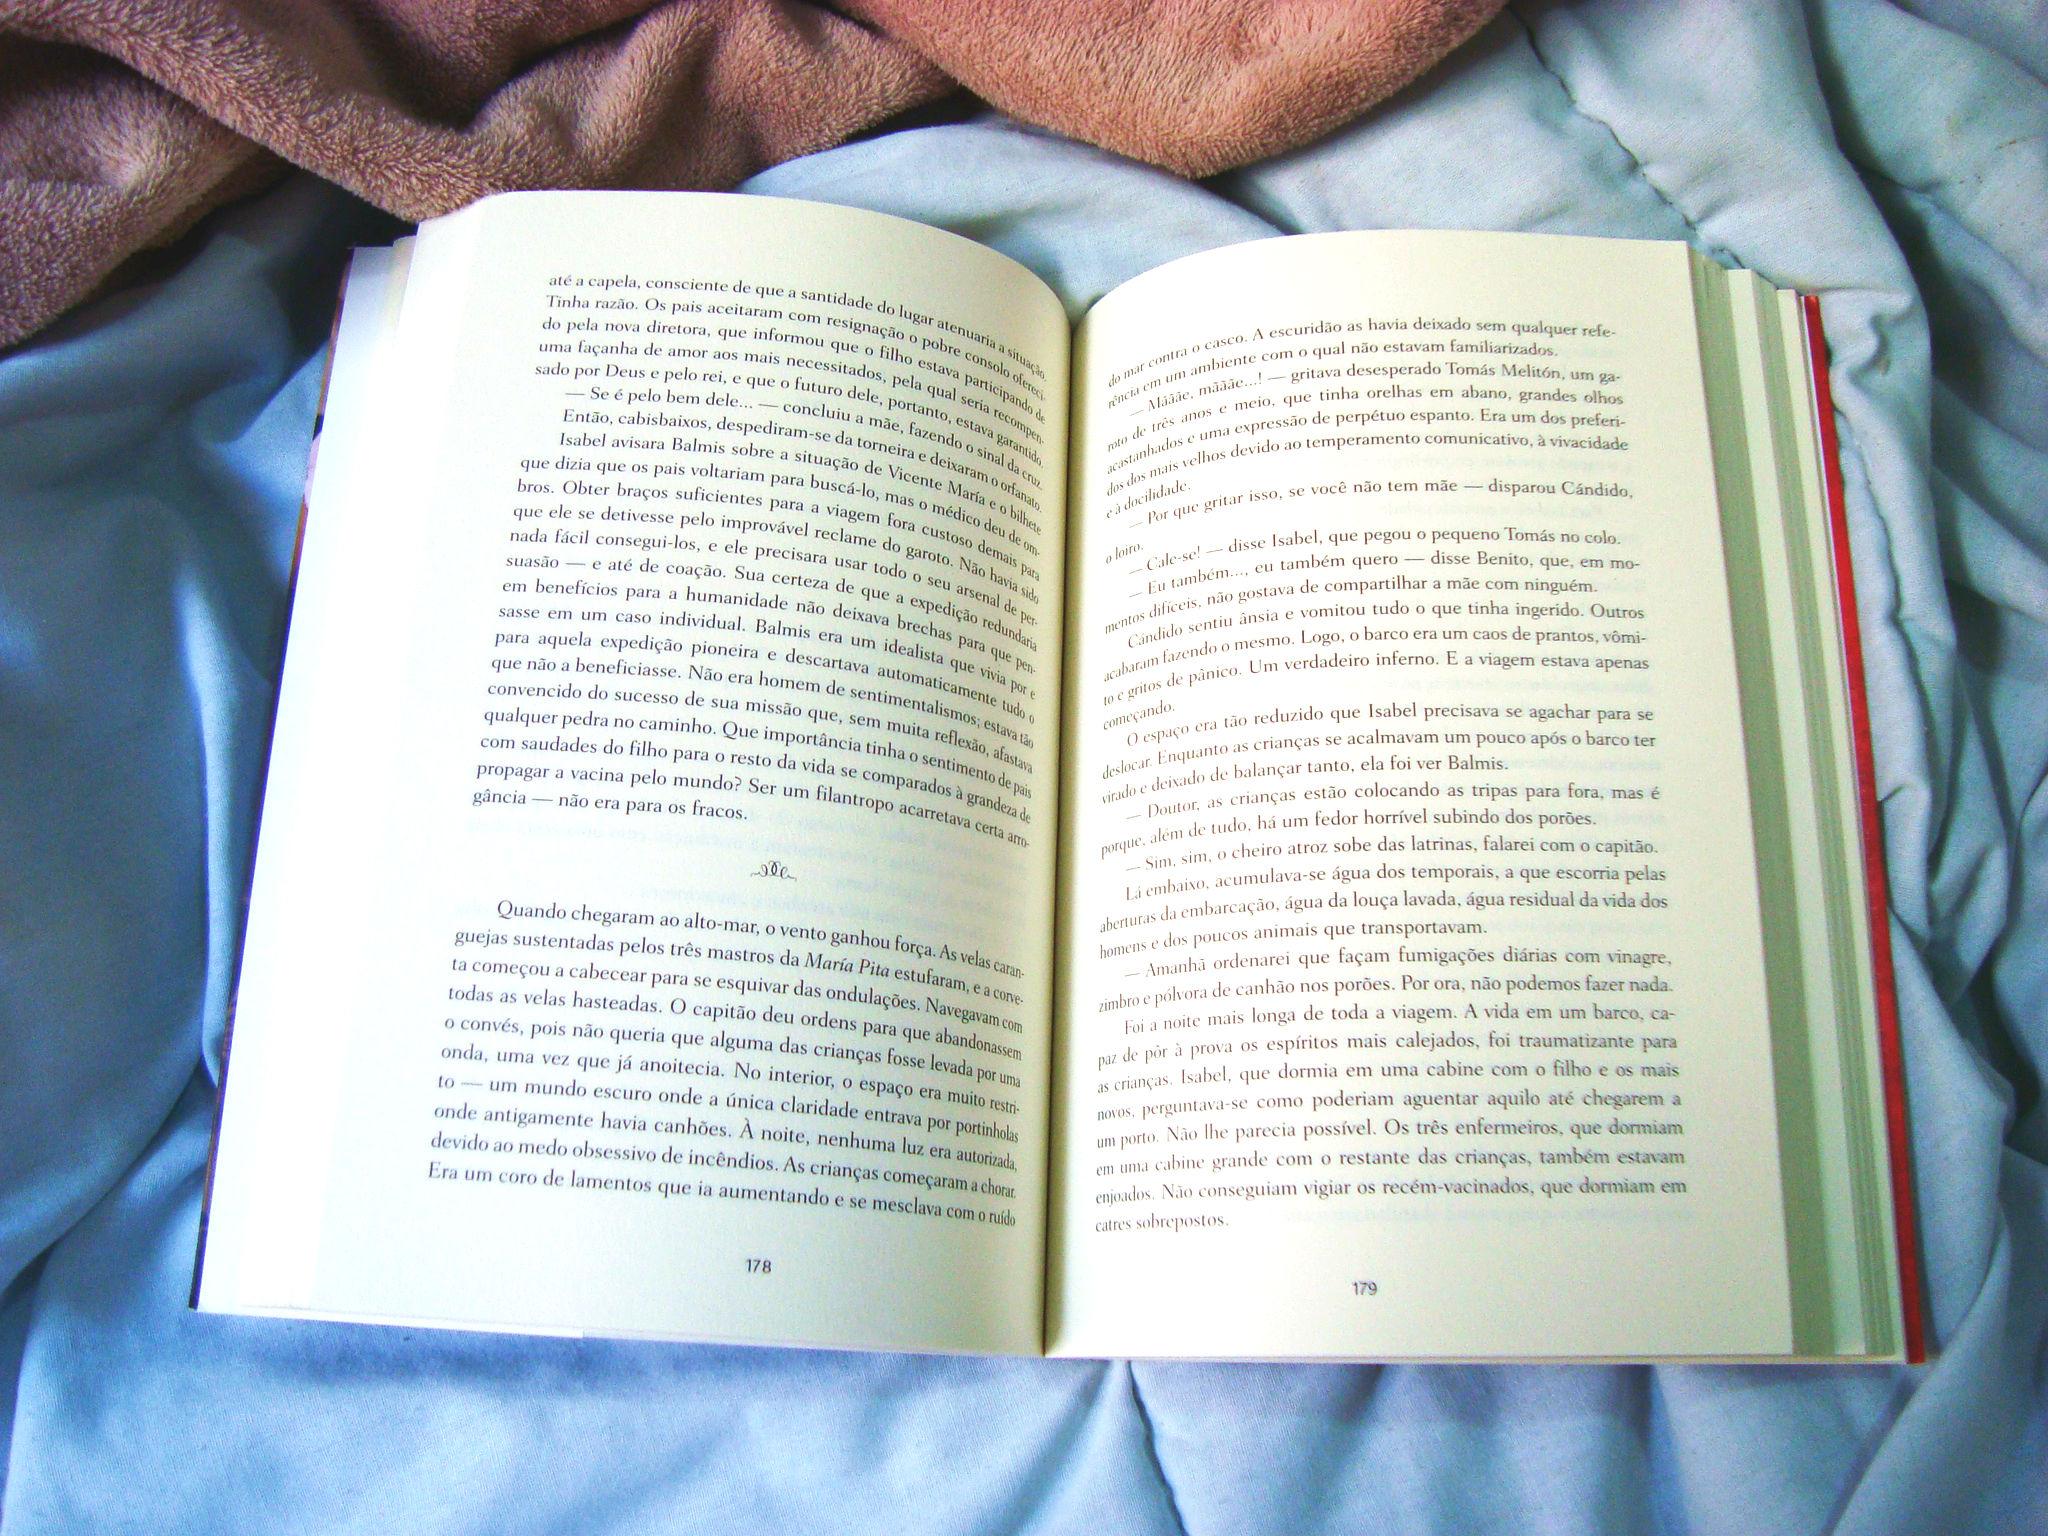 Página interna do livro Flor da Pele - Javier Moro